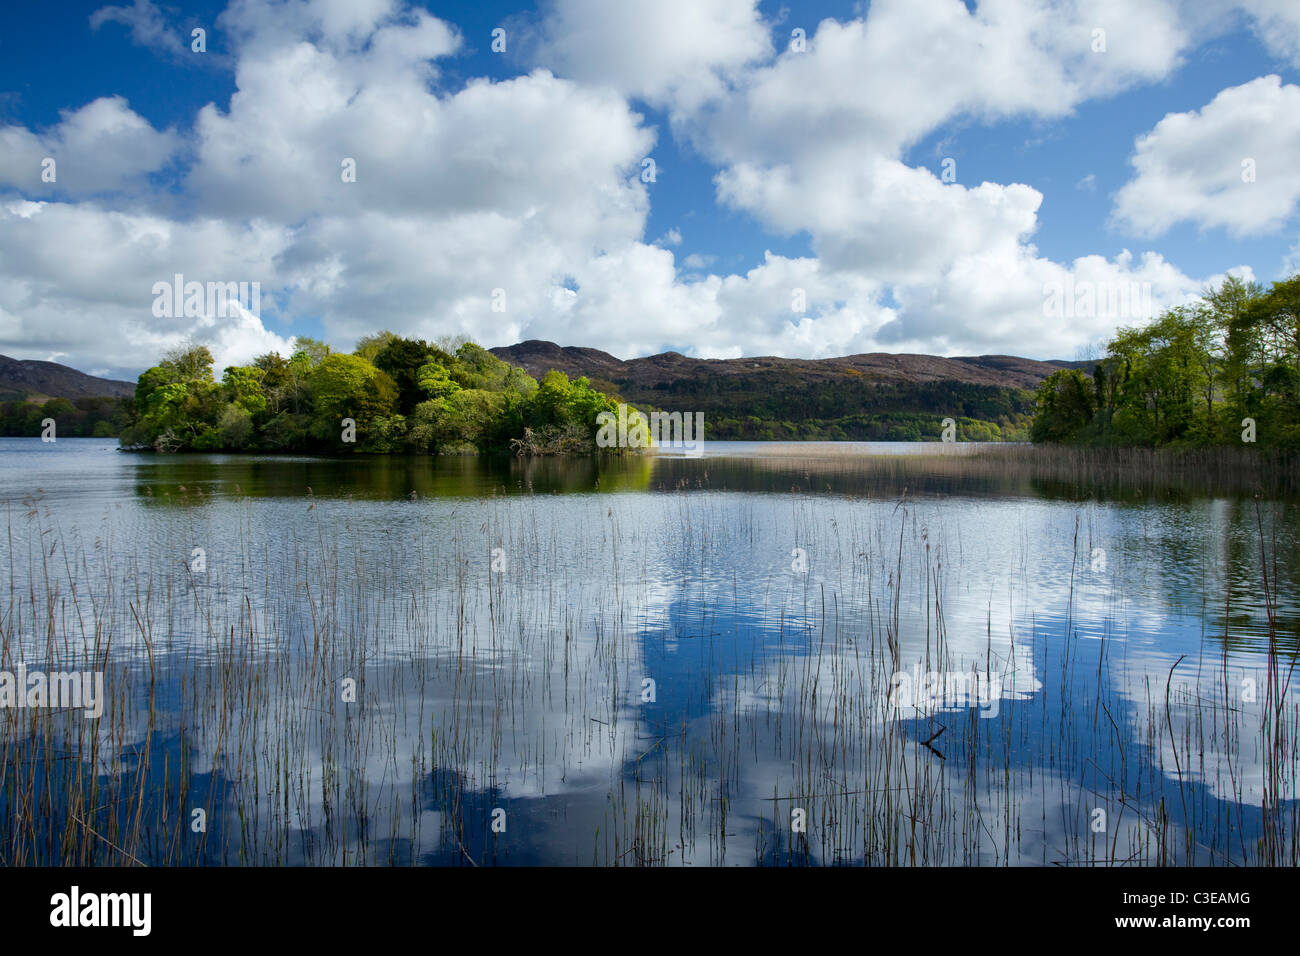 Estate riflessioni, Lough Gill, nella contea di Sligo, Irlanda. Immagini Stock